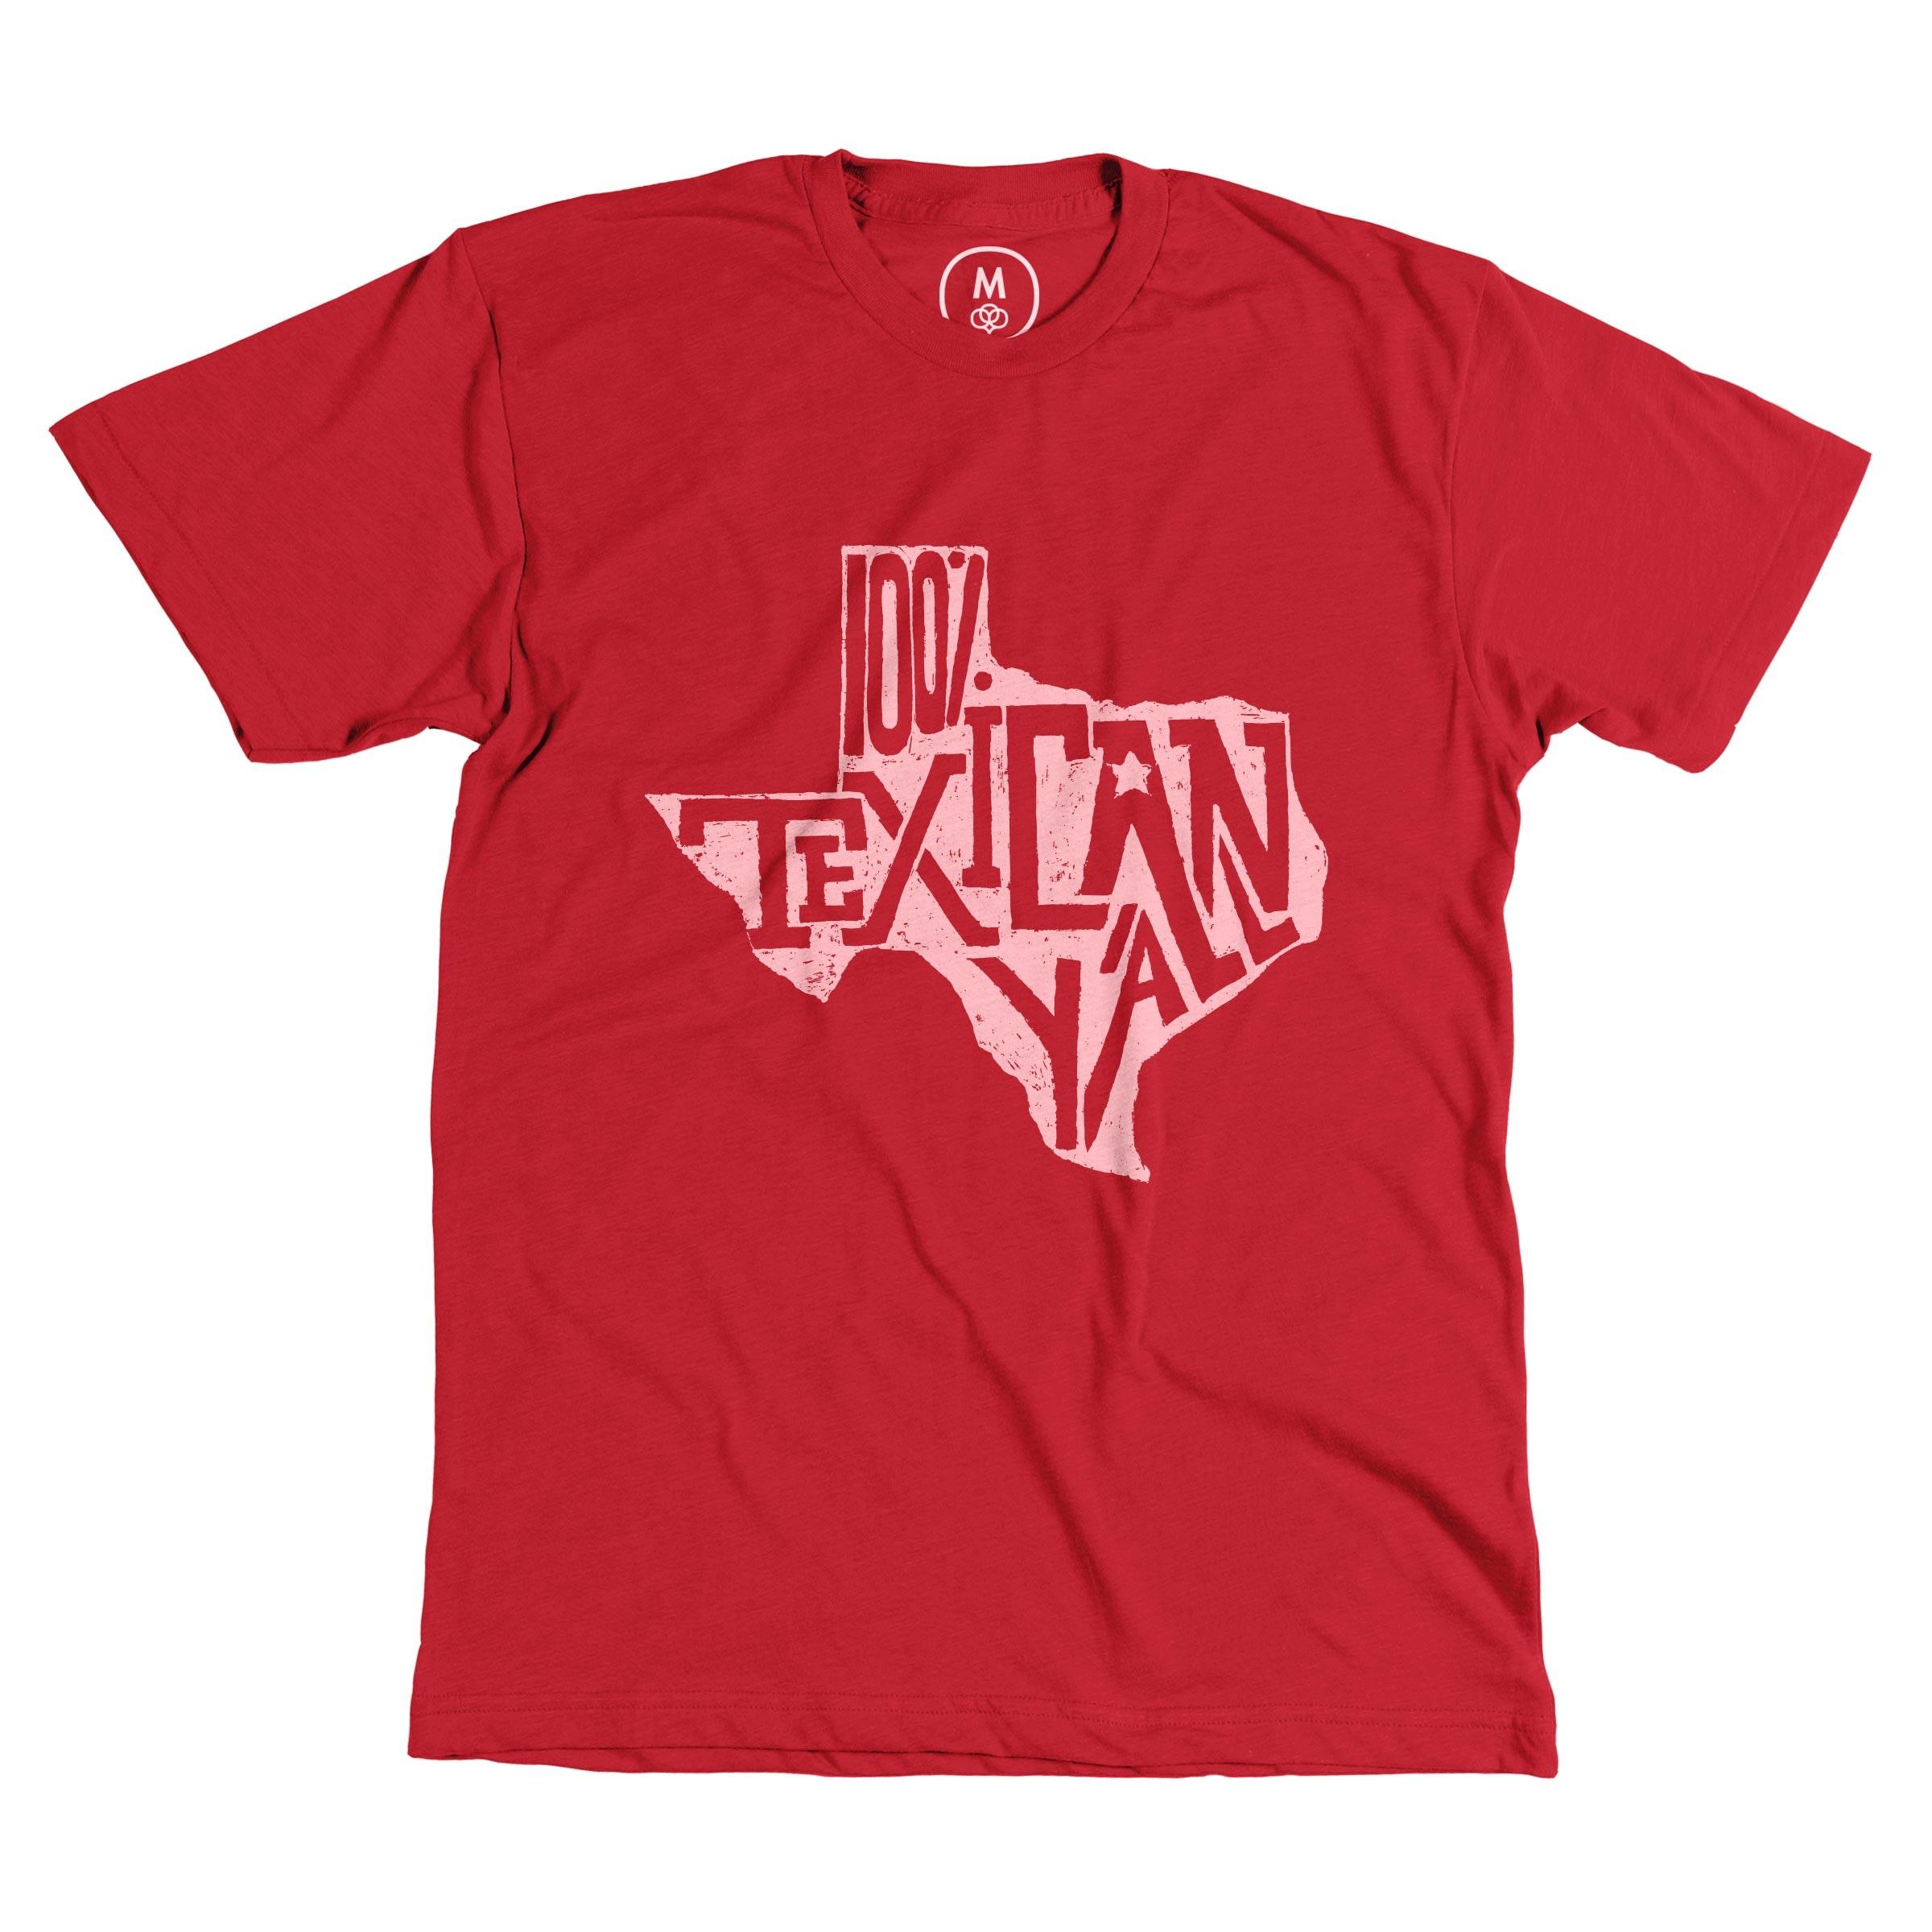 100% Texican